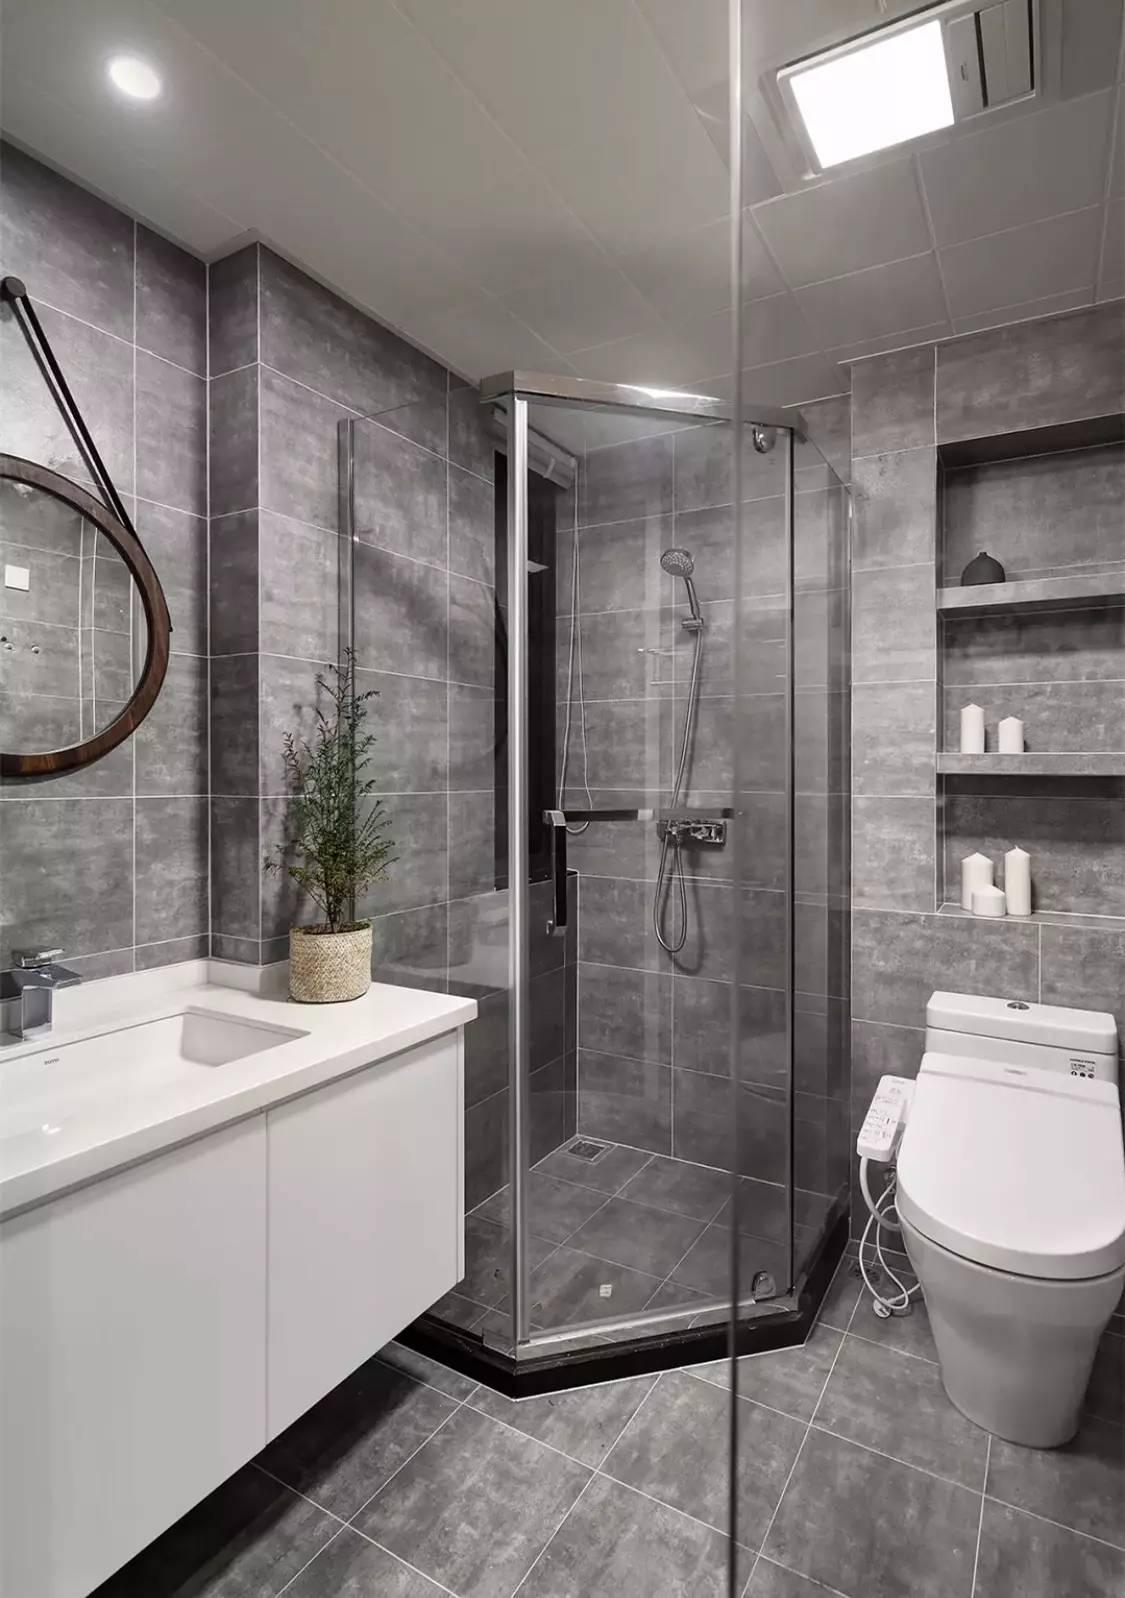 新闻客户端   ②钻石形淋浴房   正方形的淋浴房(或扇形)对着卫生间门